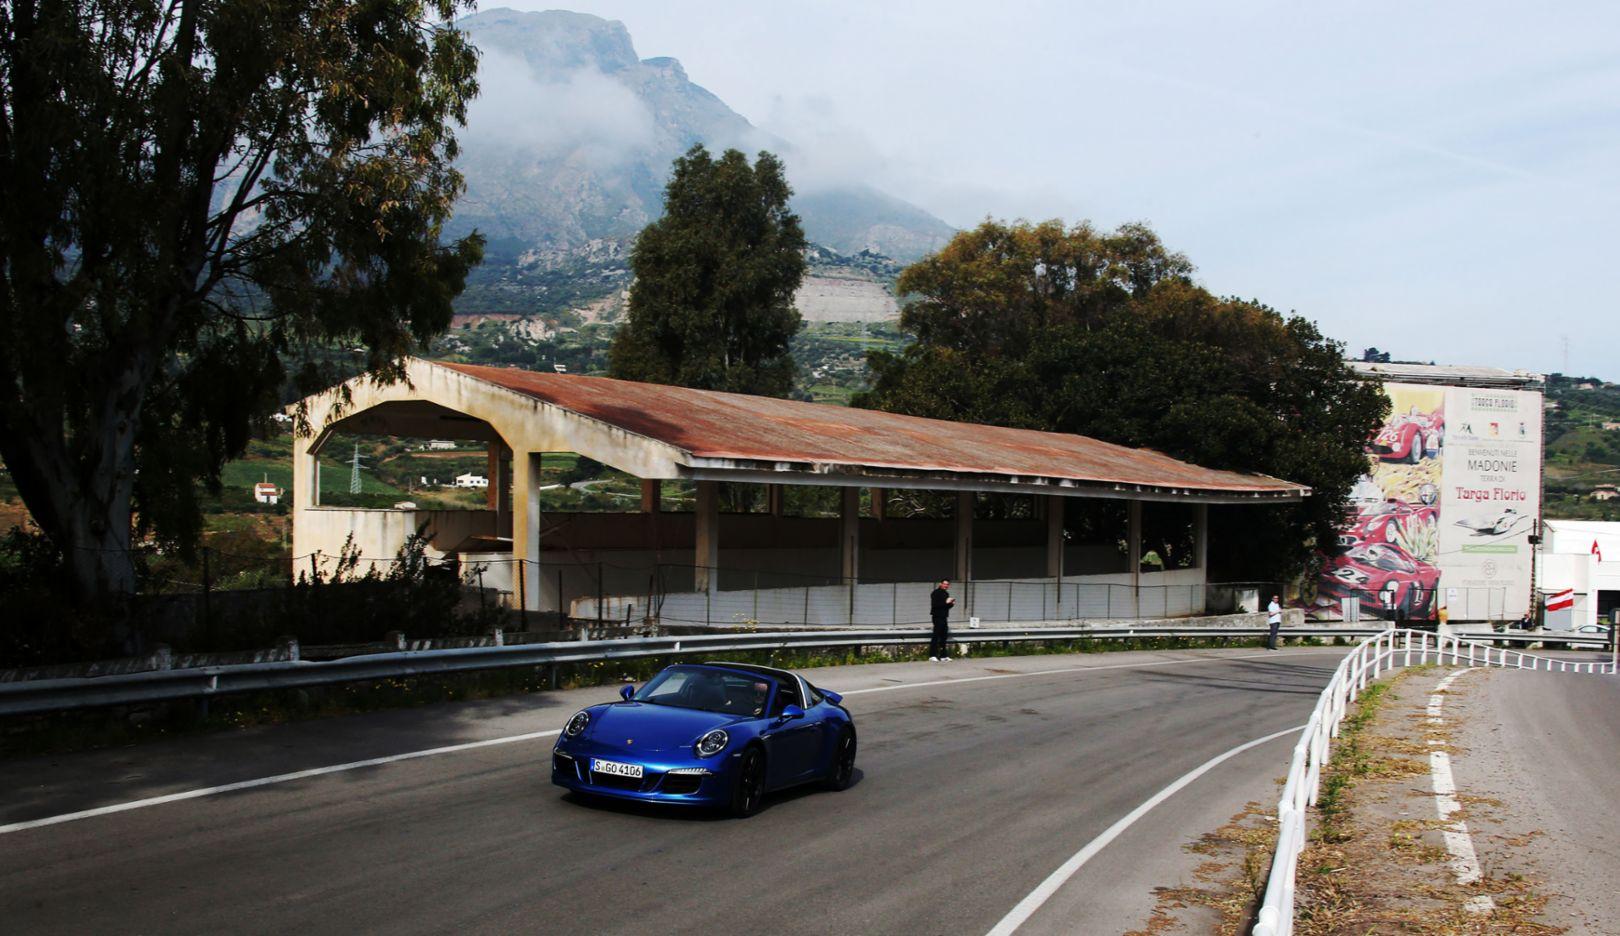 911 Targa 4 GTS, Porsche GTS Experience, Targa Florio, 2015, Porsche AG